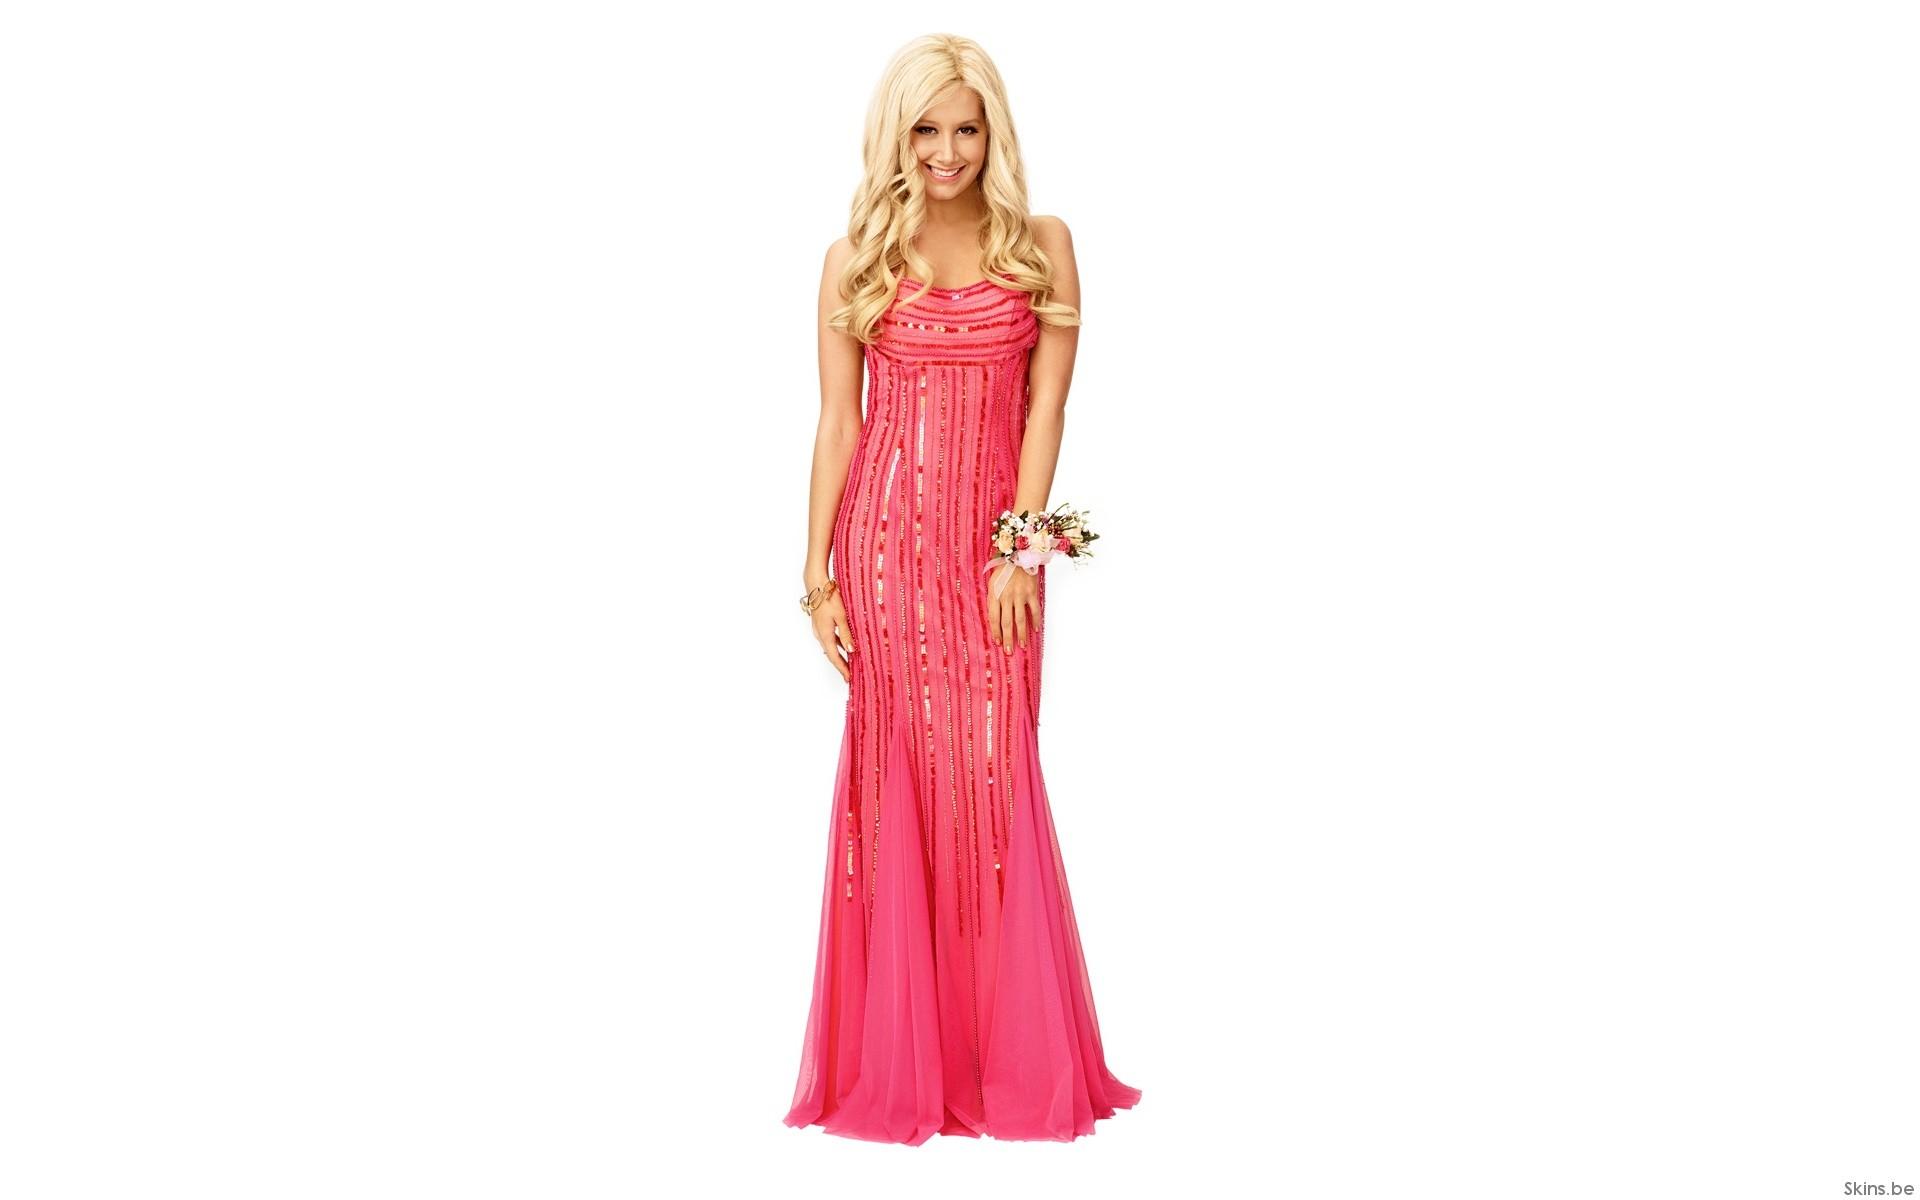 Ashley Tisdale con vestido de gala - 1920x1200